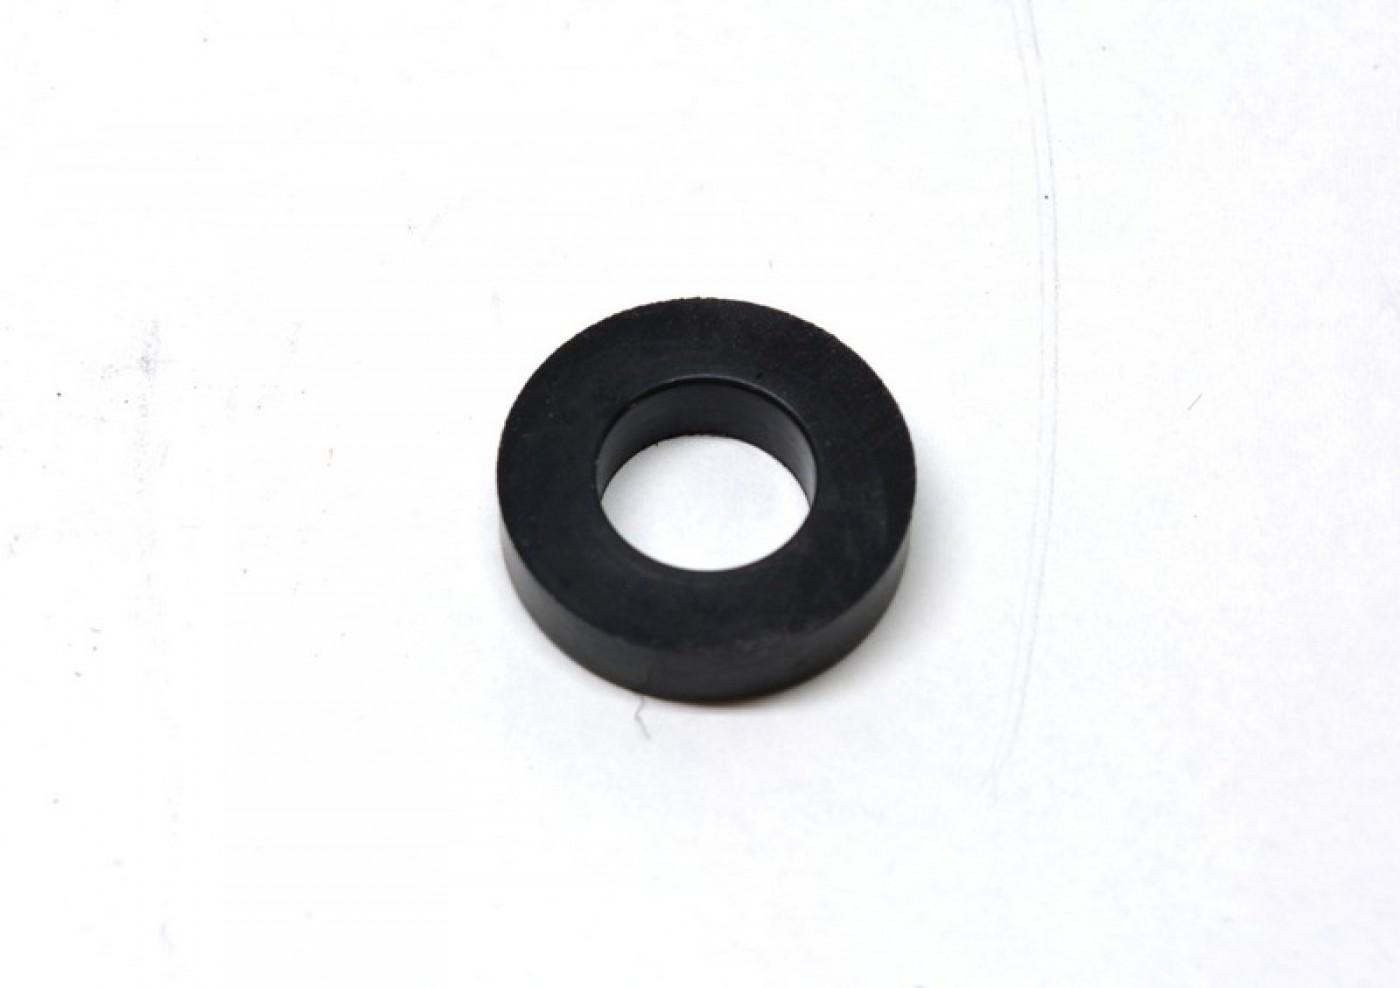 Těsnící kroužek - Stihl MS460 MS440 046 044 - Typ 2